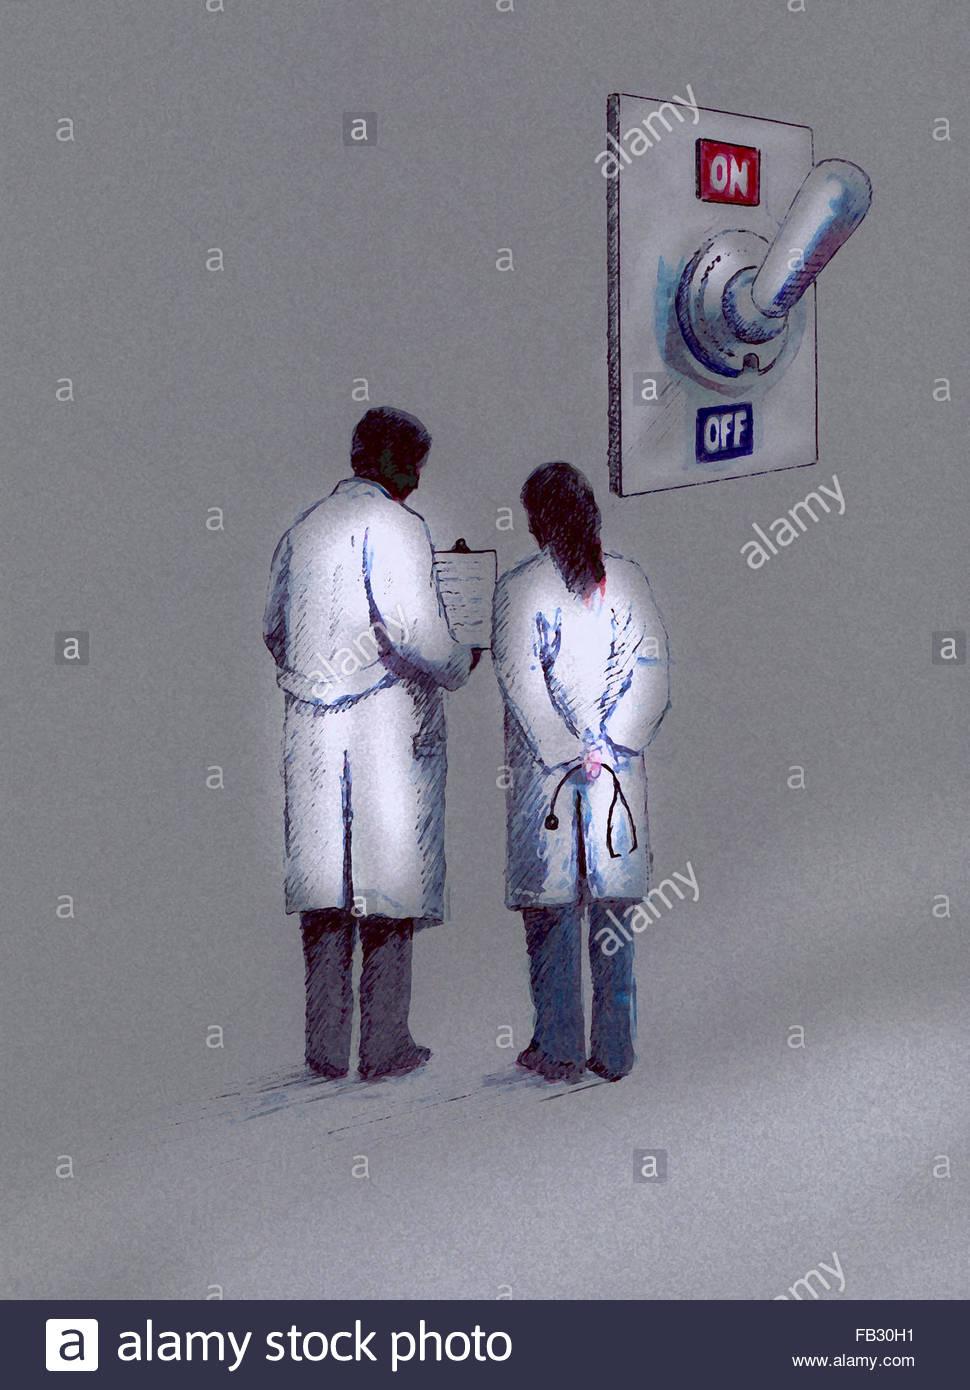 Ärzte diskutieren Zwischenablage Notizen vor der großen auf aus-Schalter Stockbild